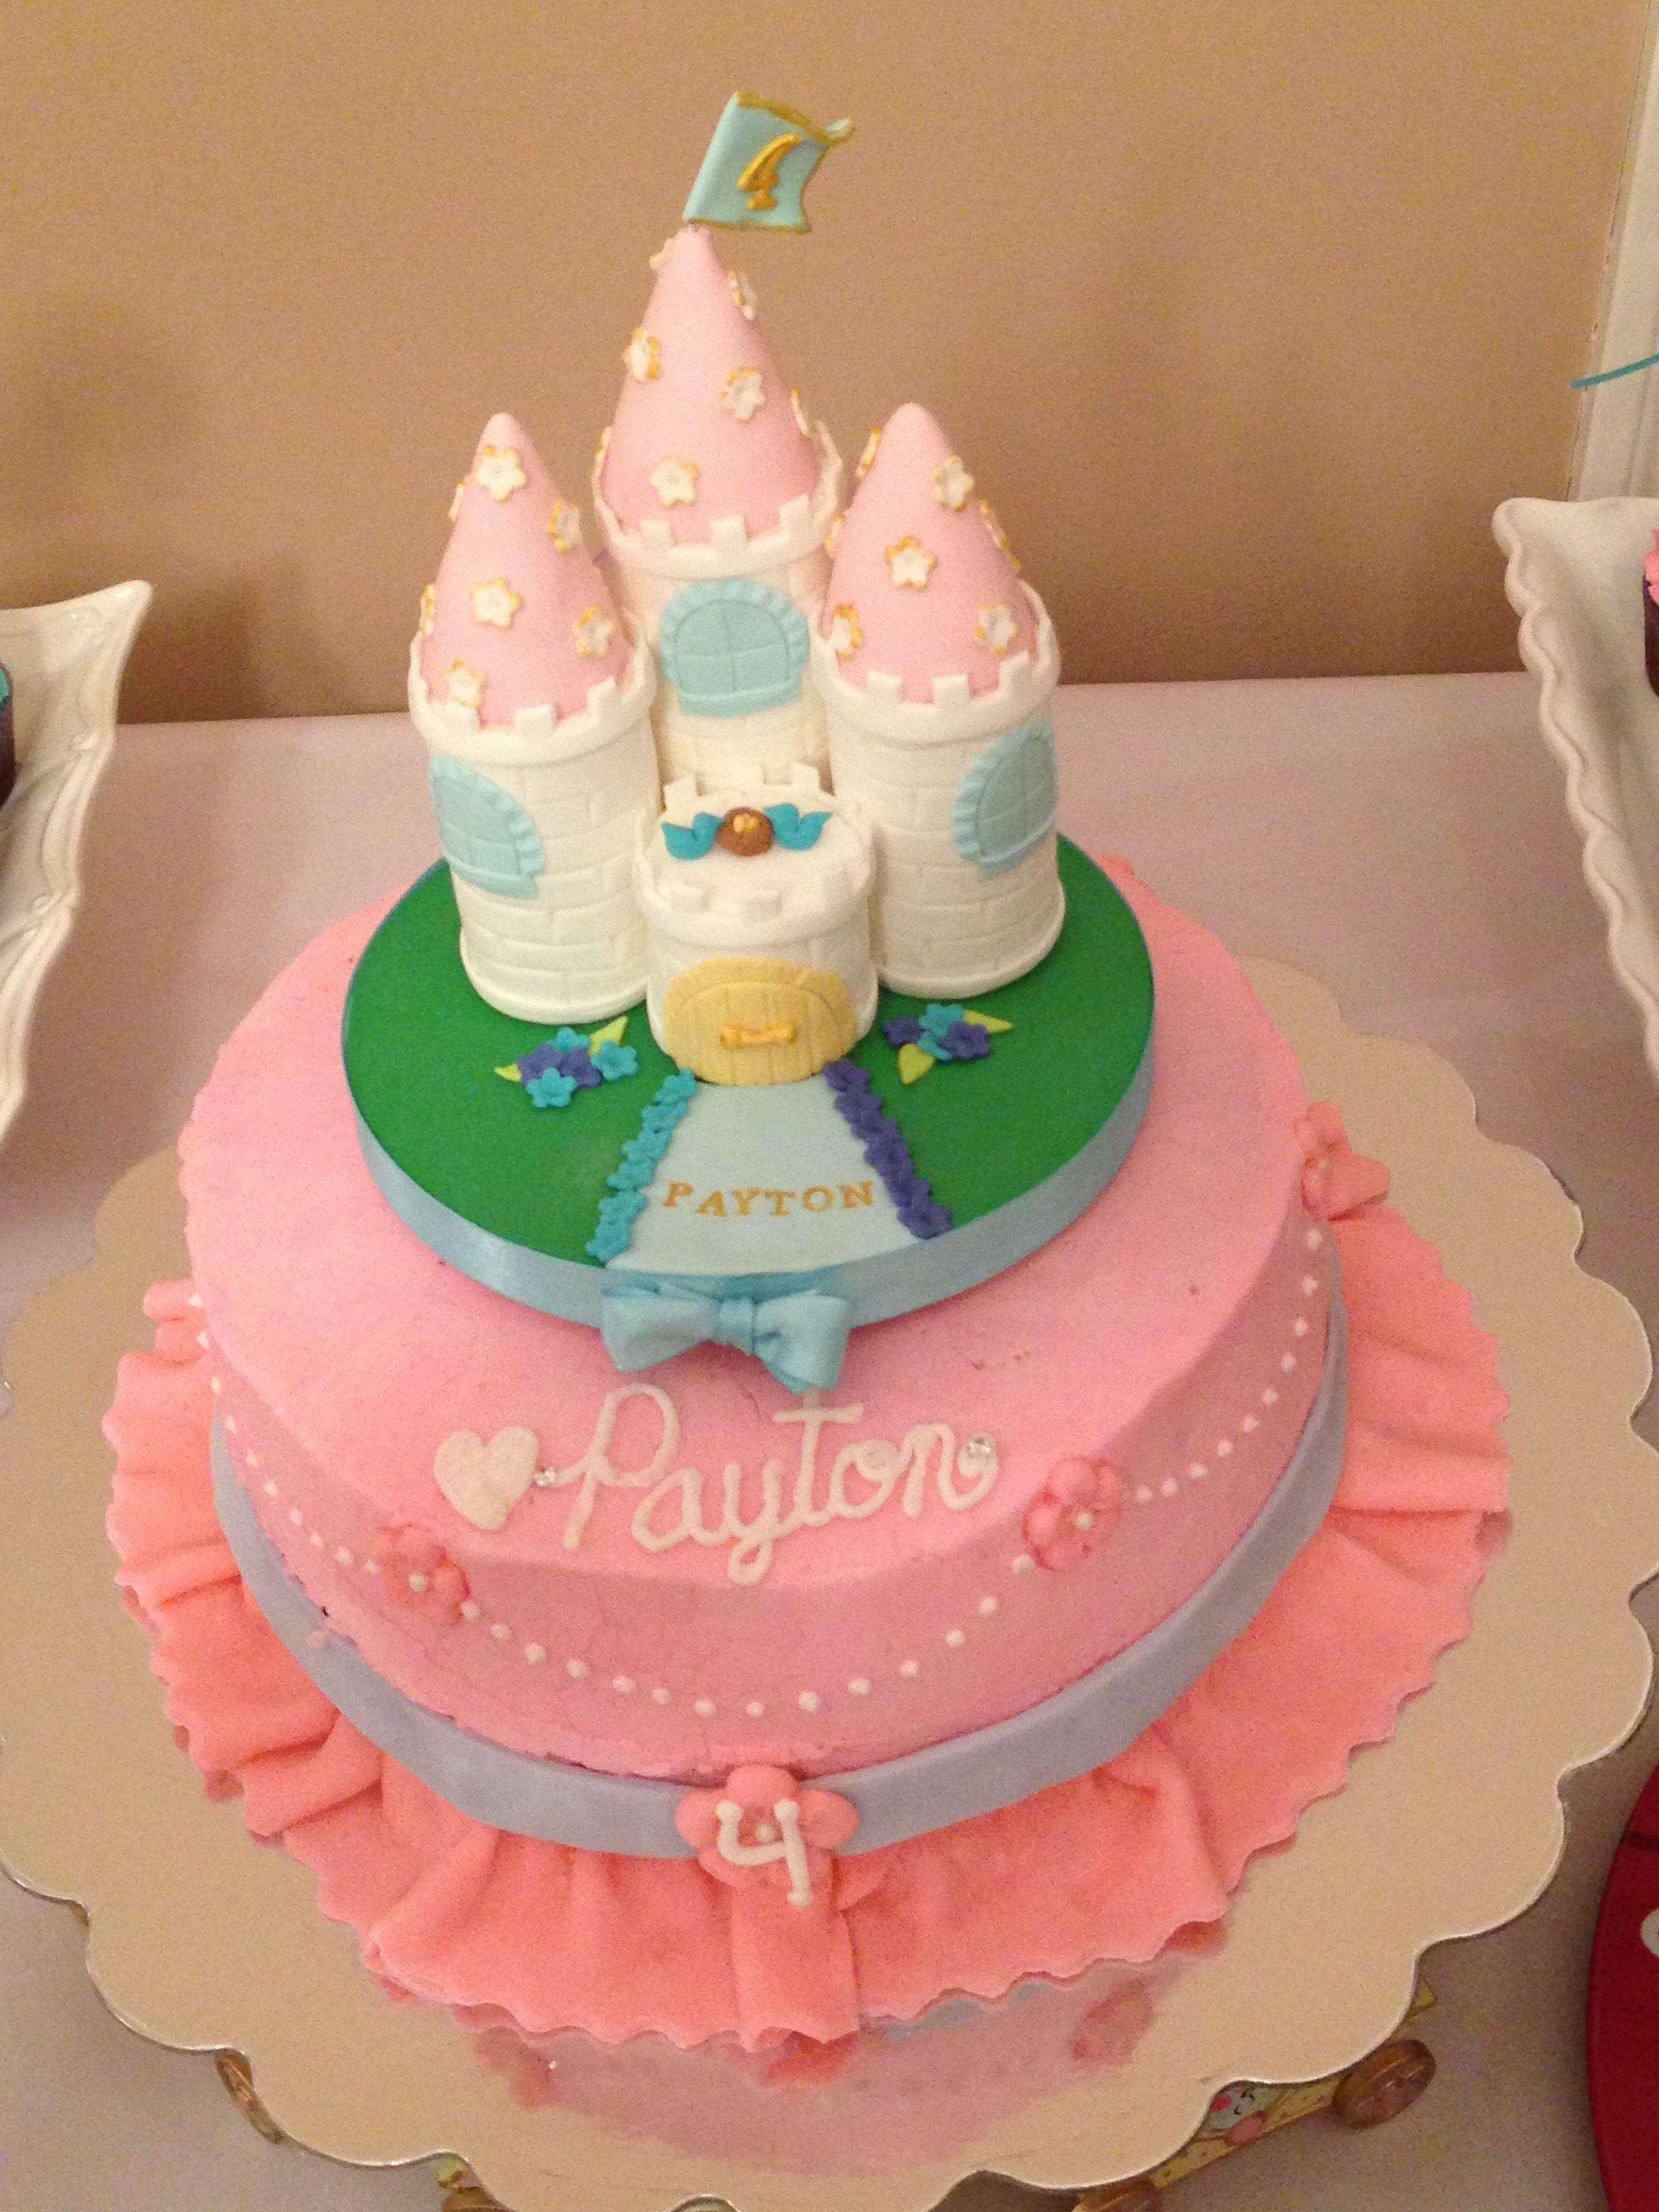 Payton's cake